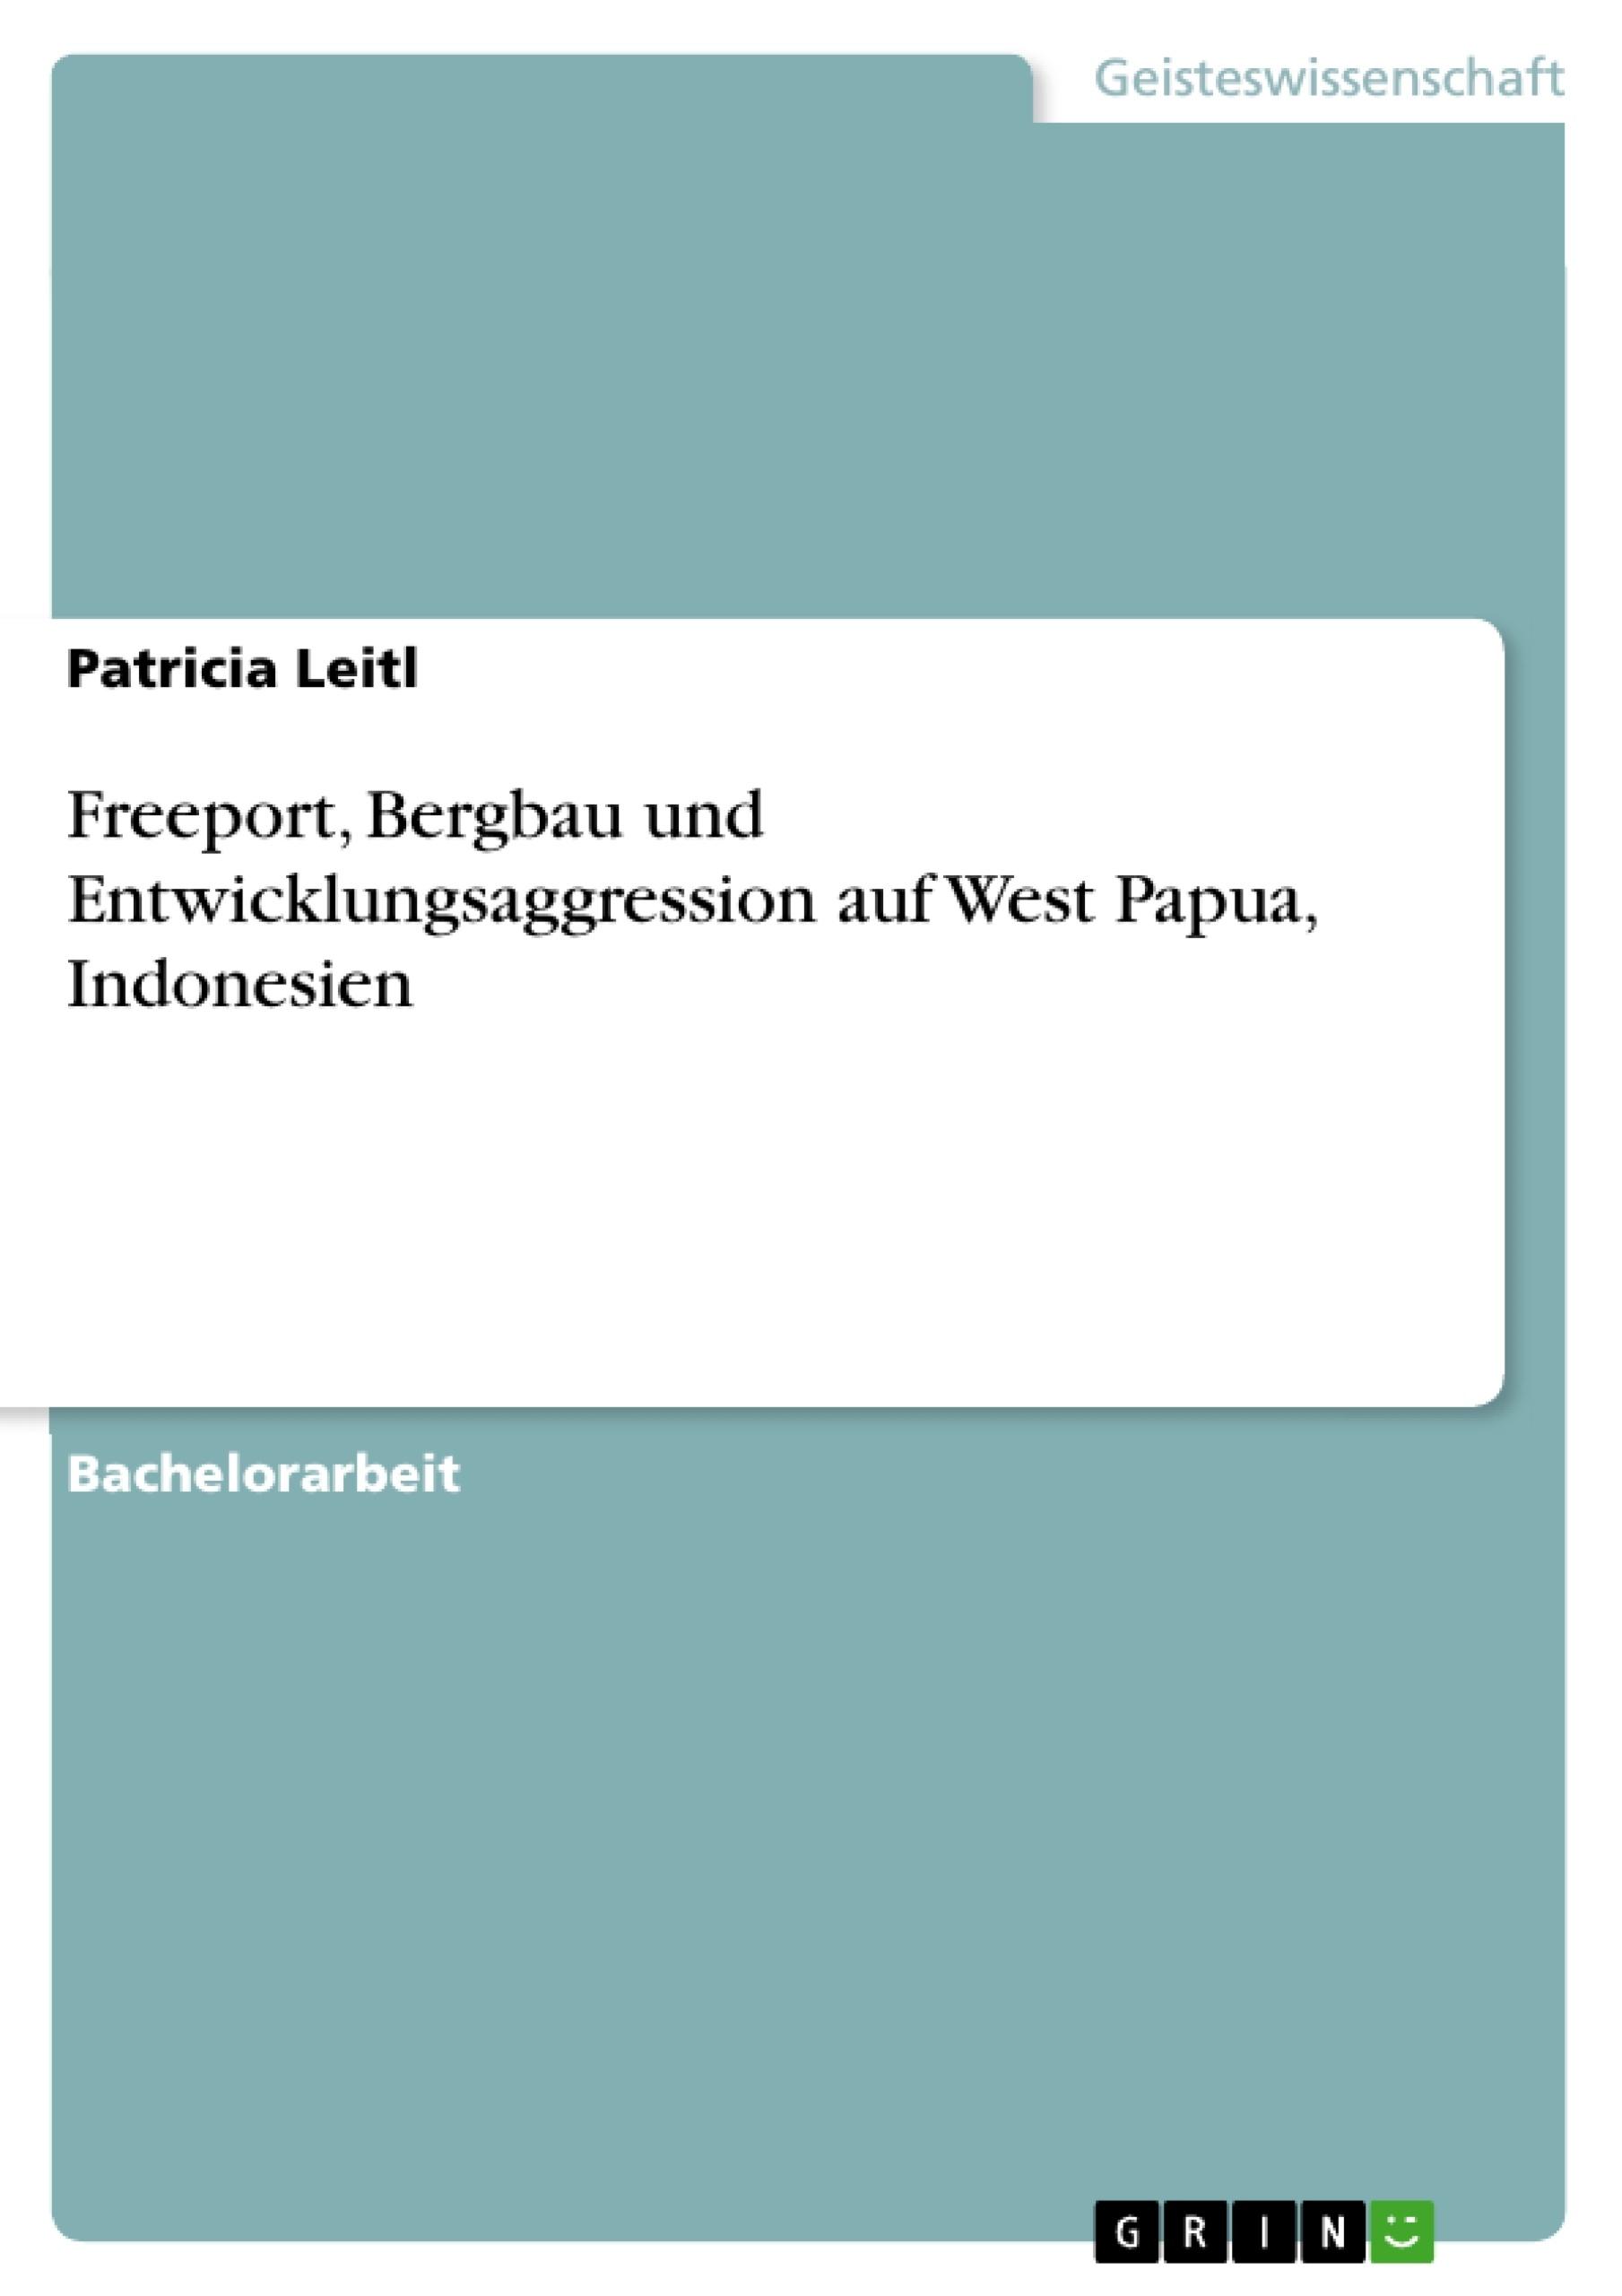 Titel: Freeport, Bergbau und Entwicklungsaggression auf West Papua, Indonesien